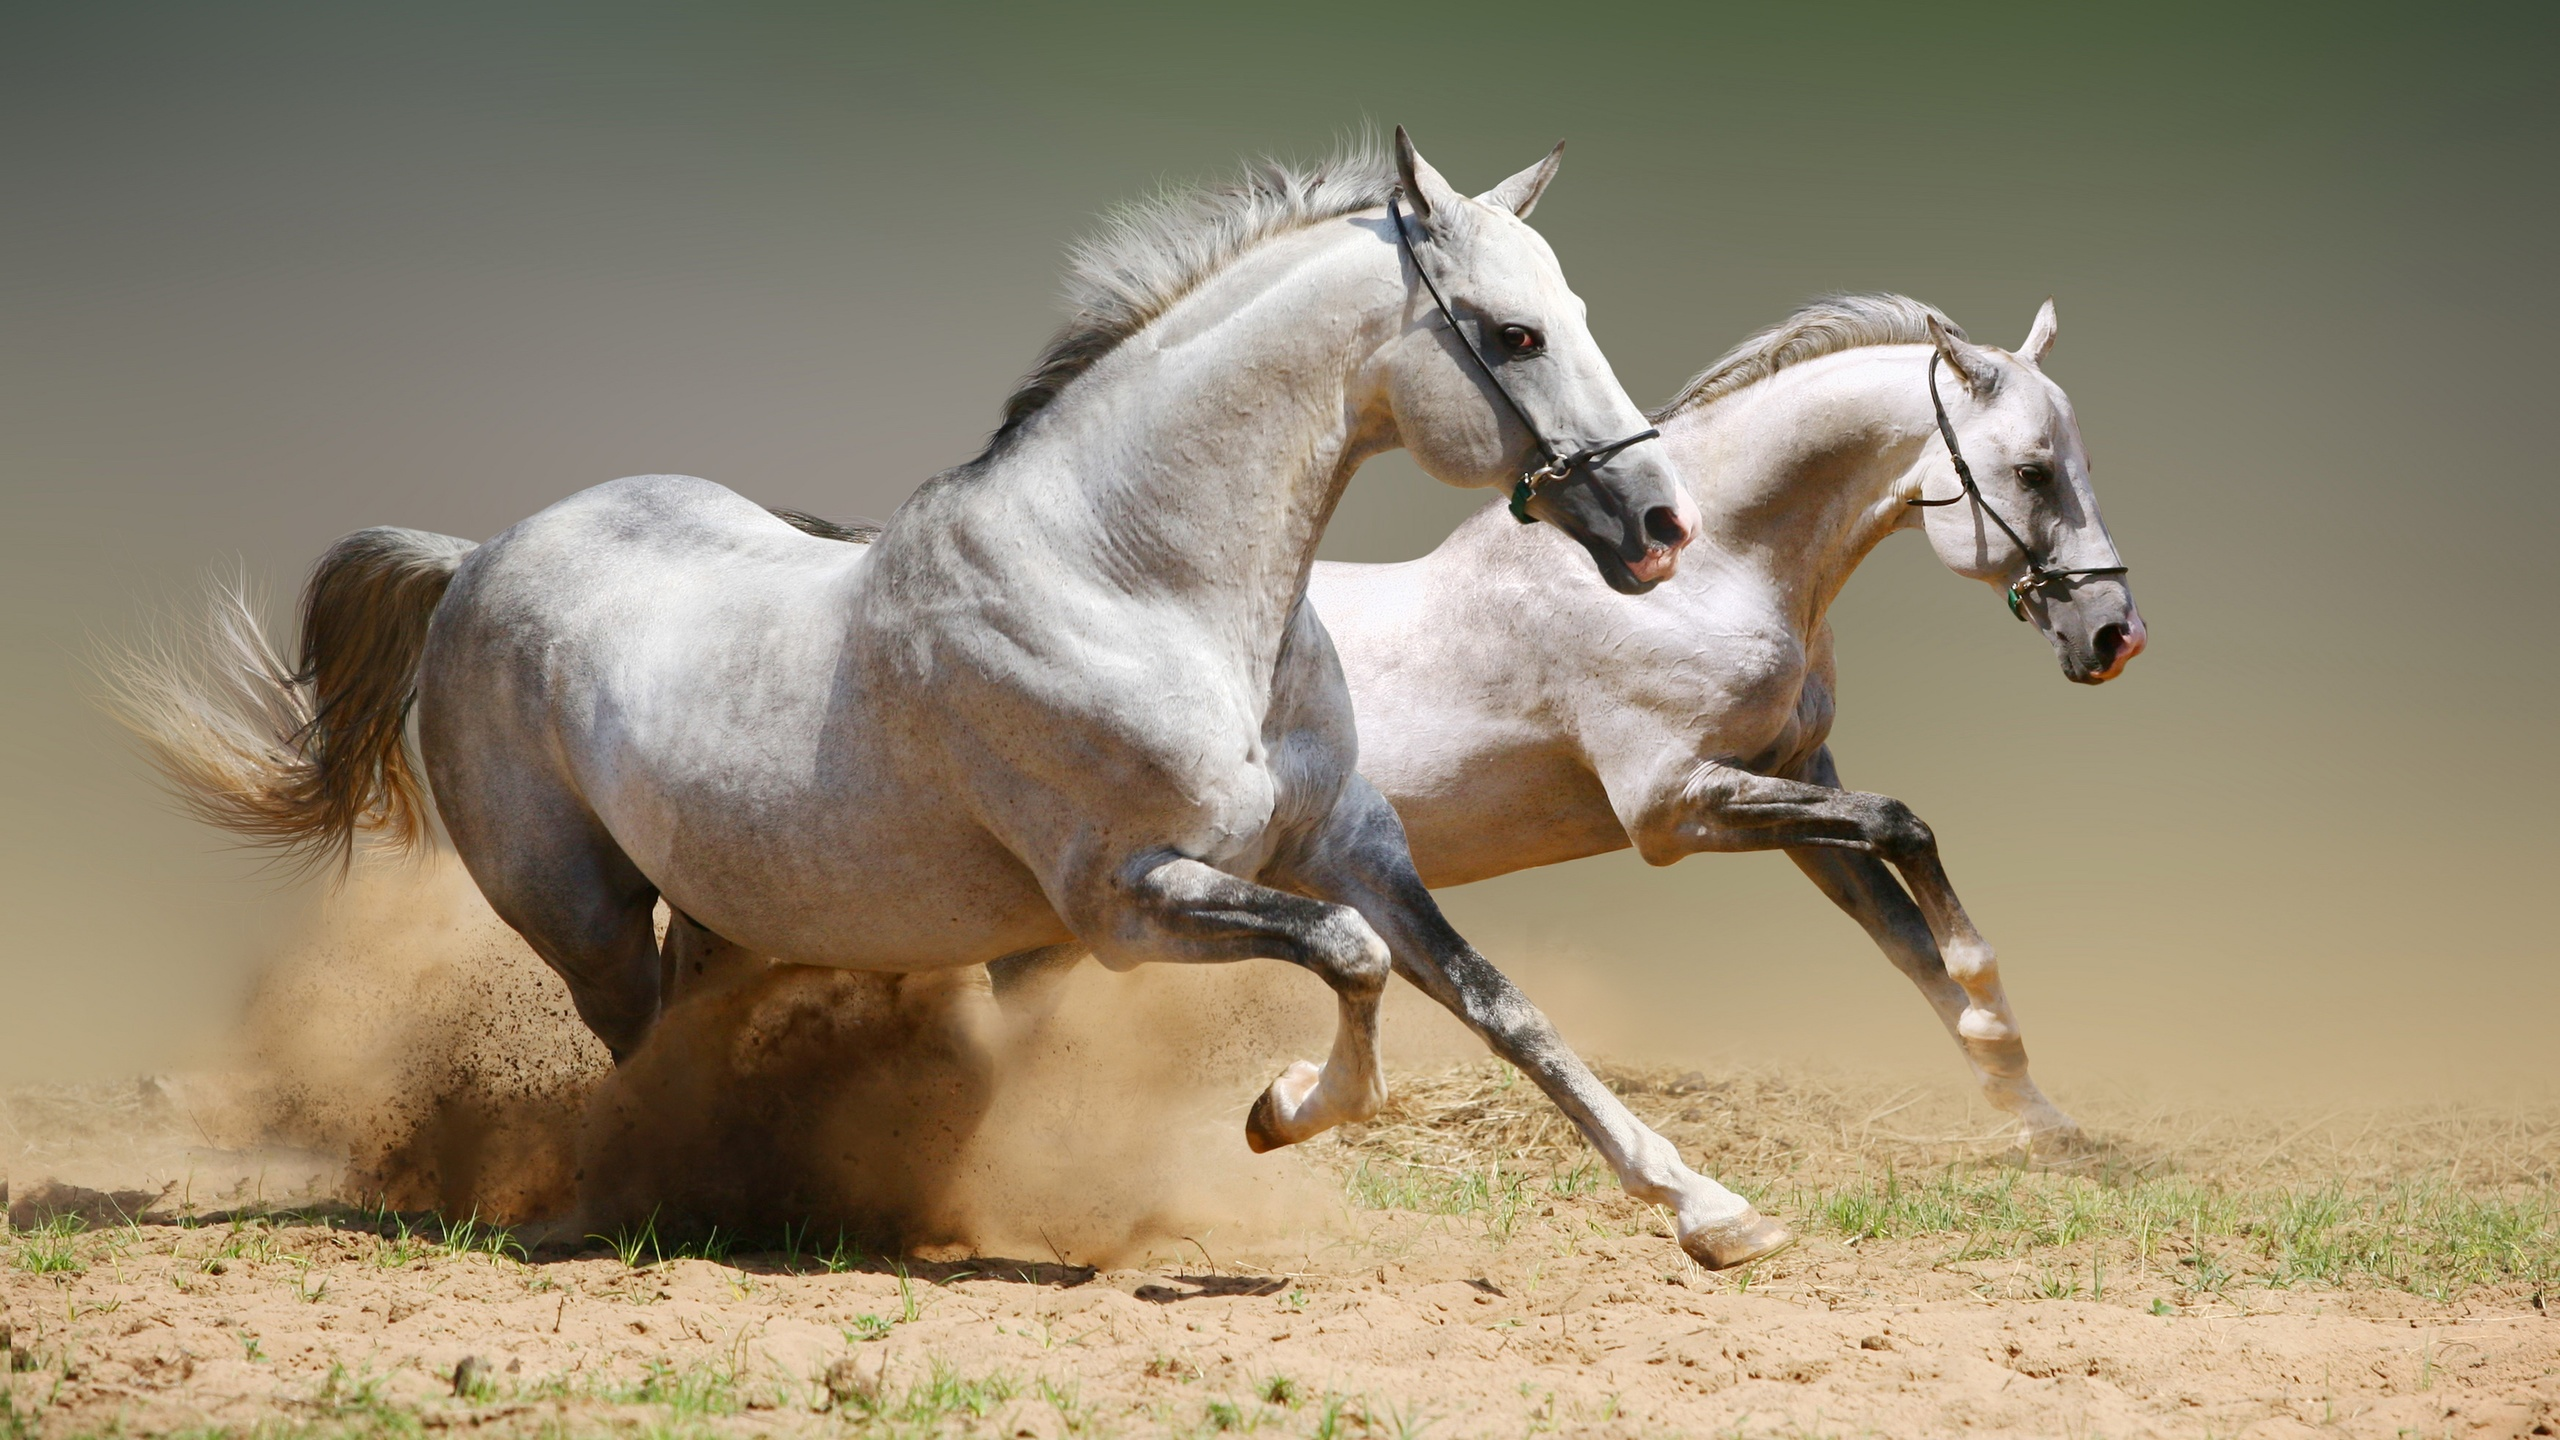 Картинка лошадей в высоком качестве, картинки